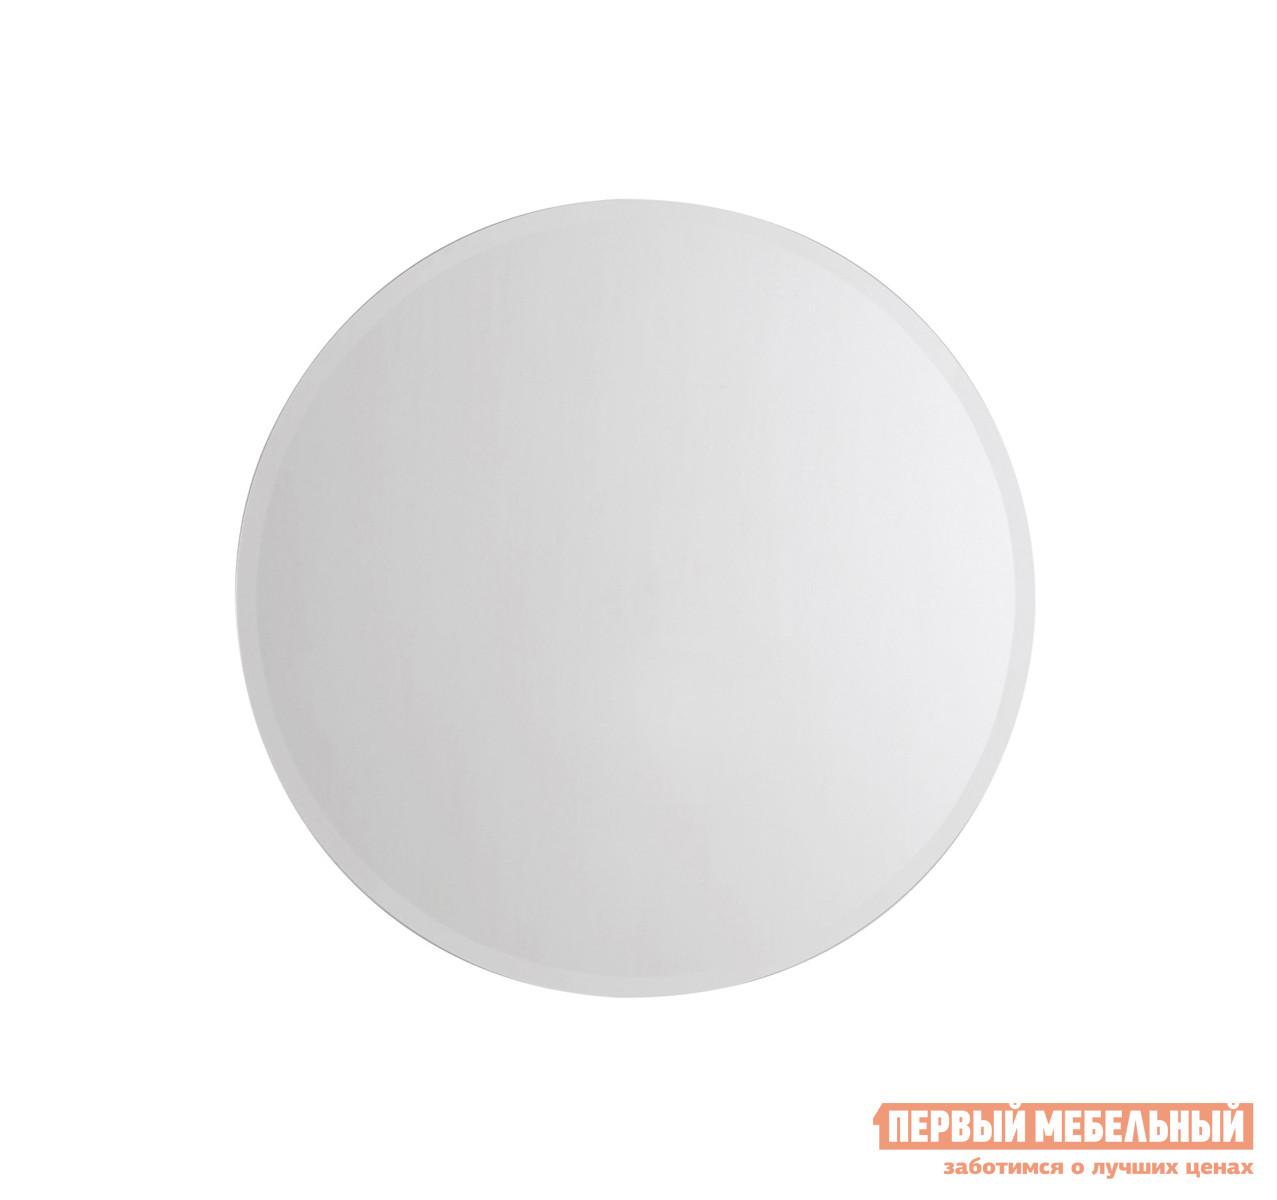 Настенное зеркало ОГОГО Обстановочка! Moon ЗеркалоНастенные зеркала<br>Габаритные размеры ВхШхГ 500x500x мм. Идеально круглое зеркало — именно такое, какой бывает луна в полнолуние.  Безупречно гладкая поверхность мягко отражает свет и наполняет переливчатыми бликами комнату. Модель обладает высокой антикоррозийной устойчивостью и влагостойкостью.  Крепеж поставляется в комплекте. Зеркало поставляется в собранном виде, в стоимость сборки включено крепление его к стене.<br><br>Цвет: Белый<br>Высота мм: 500<br>Ширина мм: 500<br>Форма поставки: В собранном виде<br>Срок гарантии: 2 года<br>Тип: Простые<br>Назначение: Для спальни<br>Назначение: В прихожую<br>Назначение: Для ванной<br>Форма: Круглые<br>С фацетом: Да<br>Подсветка: Без подсветки<br>Тип рамы: Без рамы